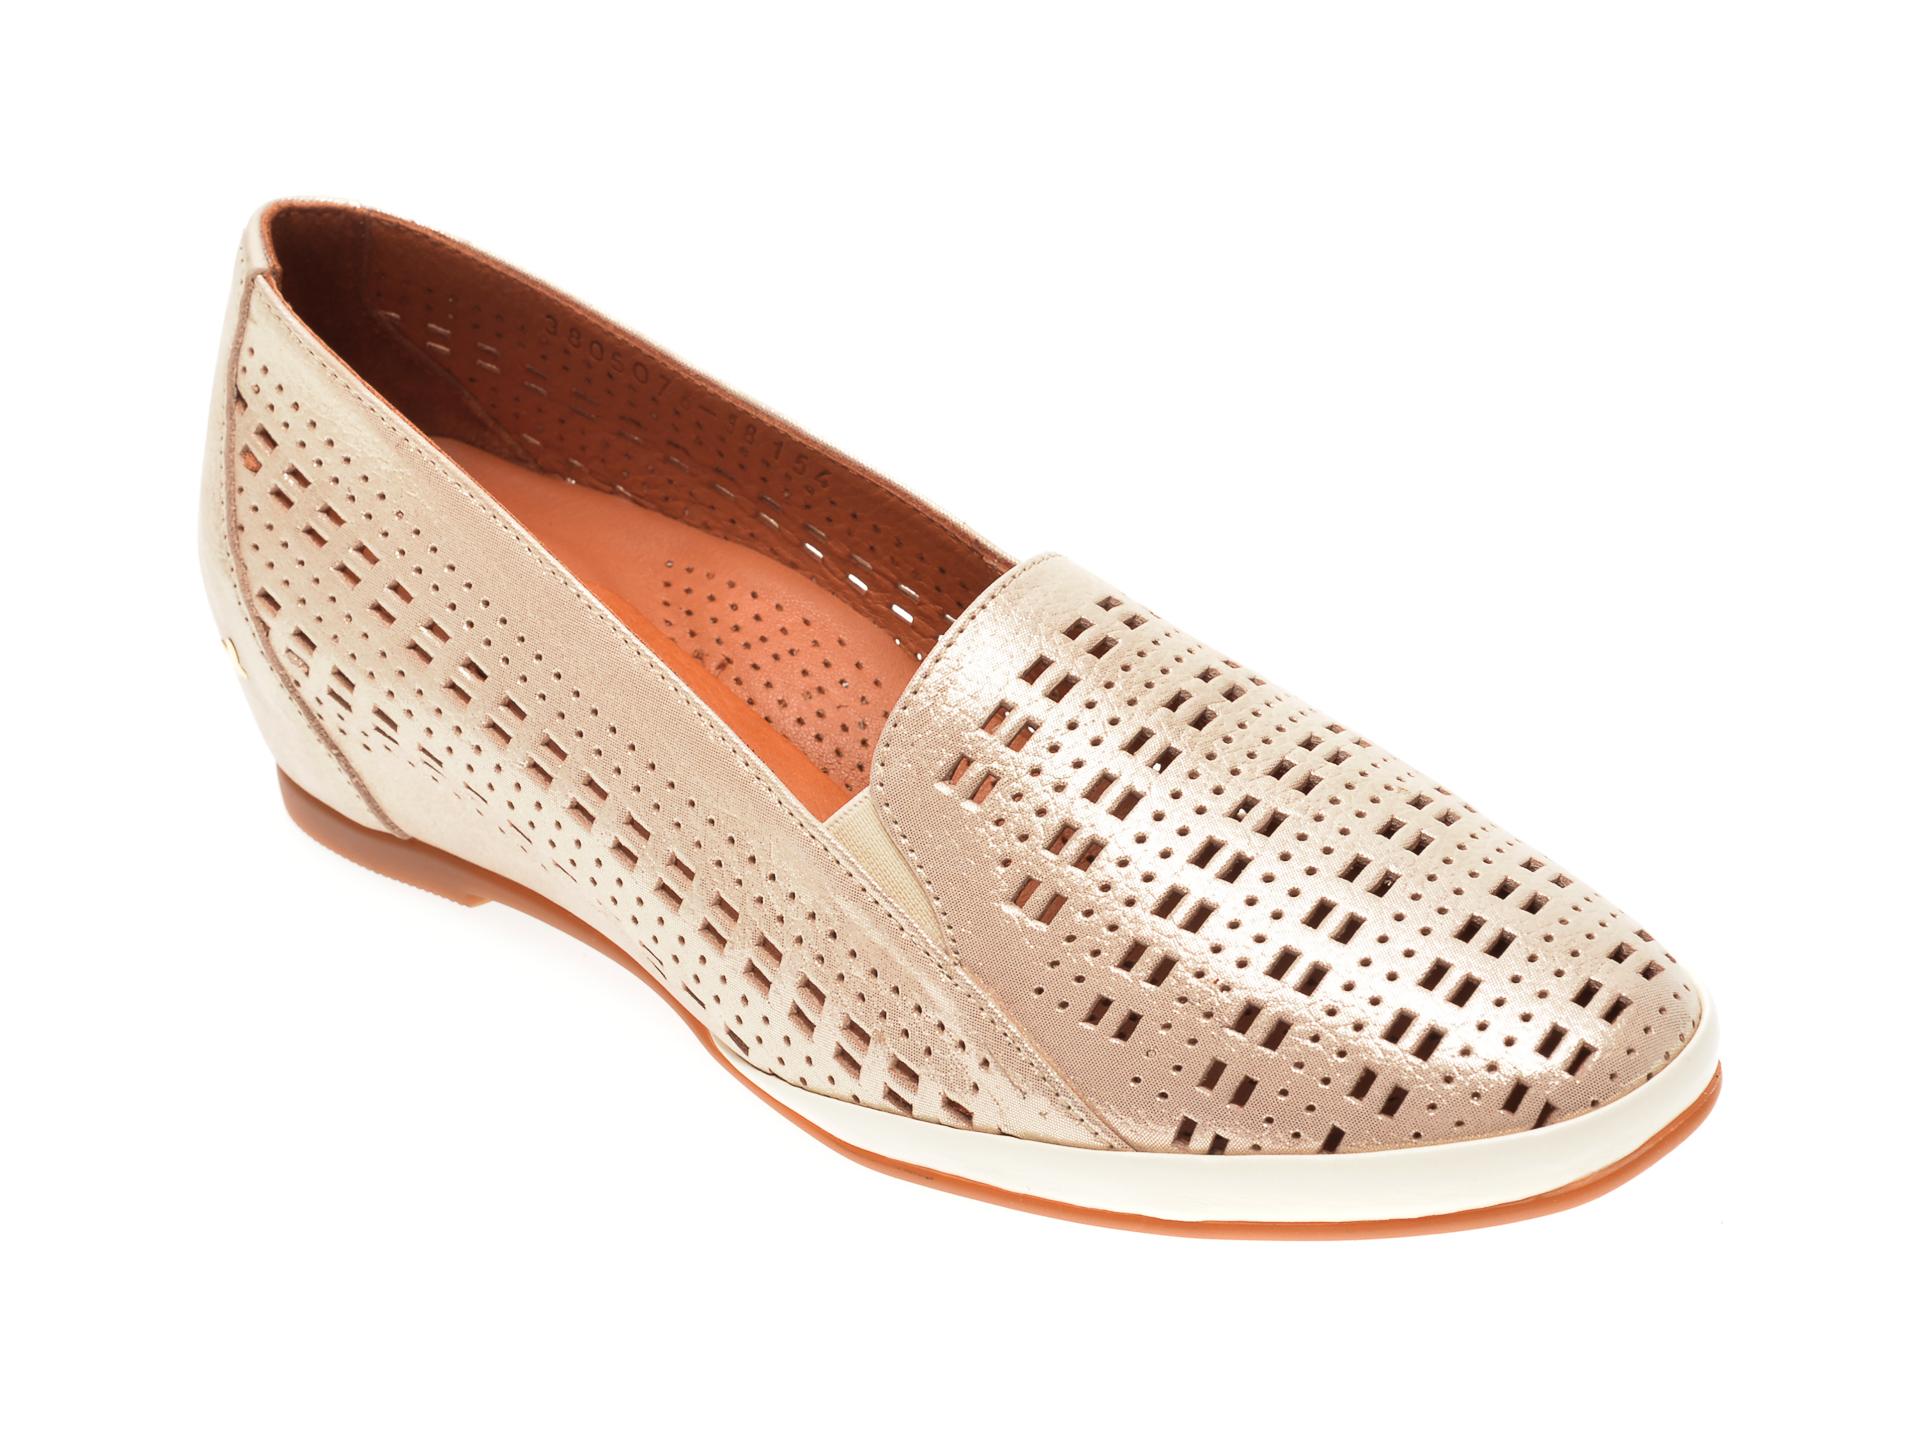 Pantofi FLAVIA PASSINI aurii, 0105076, din piele naturala